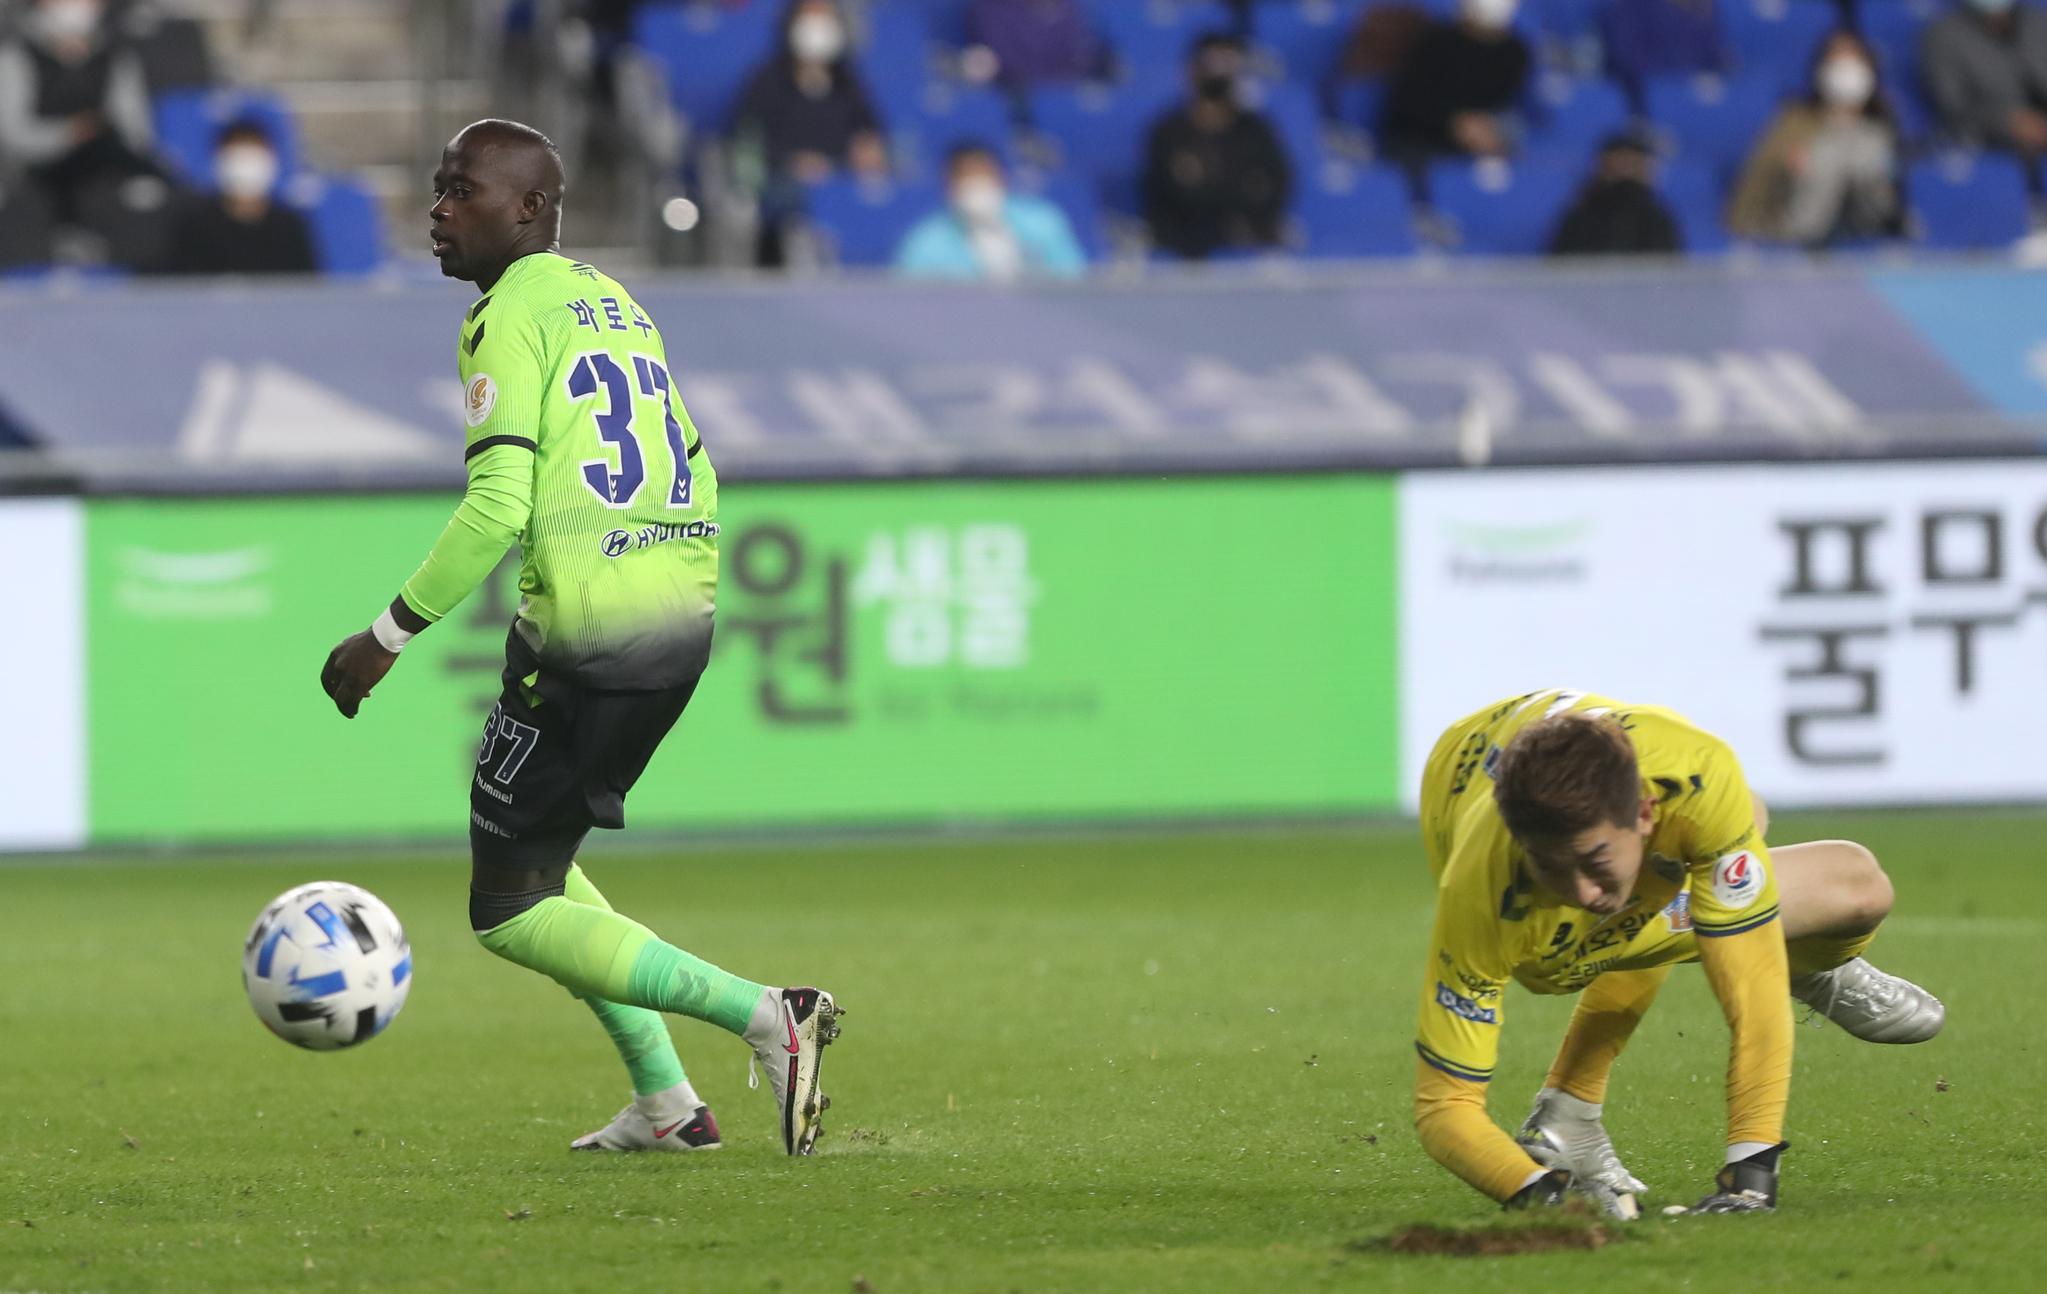 25일 울산 문수축구경기장에서 열린 프로축구 K리그1 울산 현대와 경기에서 전북 바로우가 골을 넣고 있다. [연합뉴스]